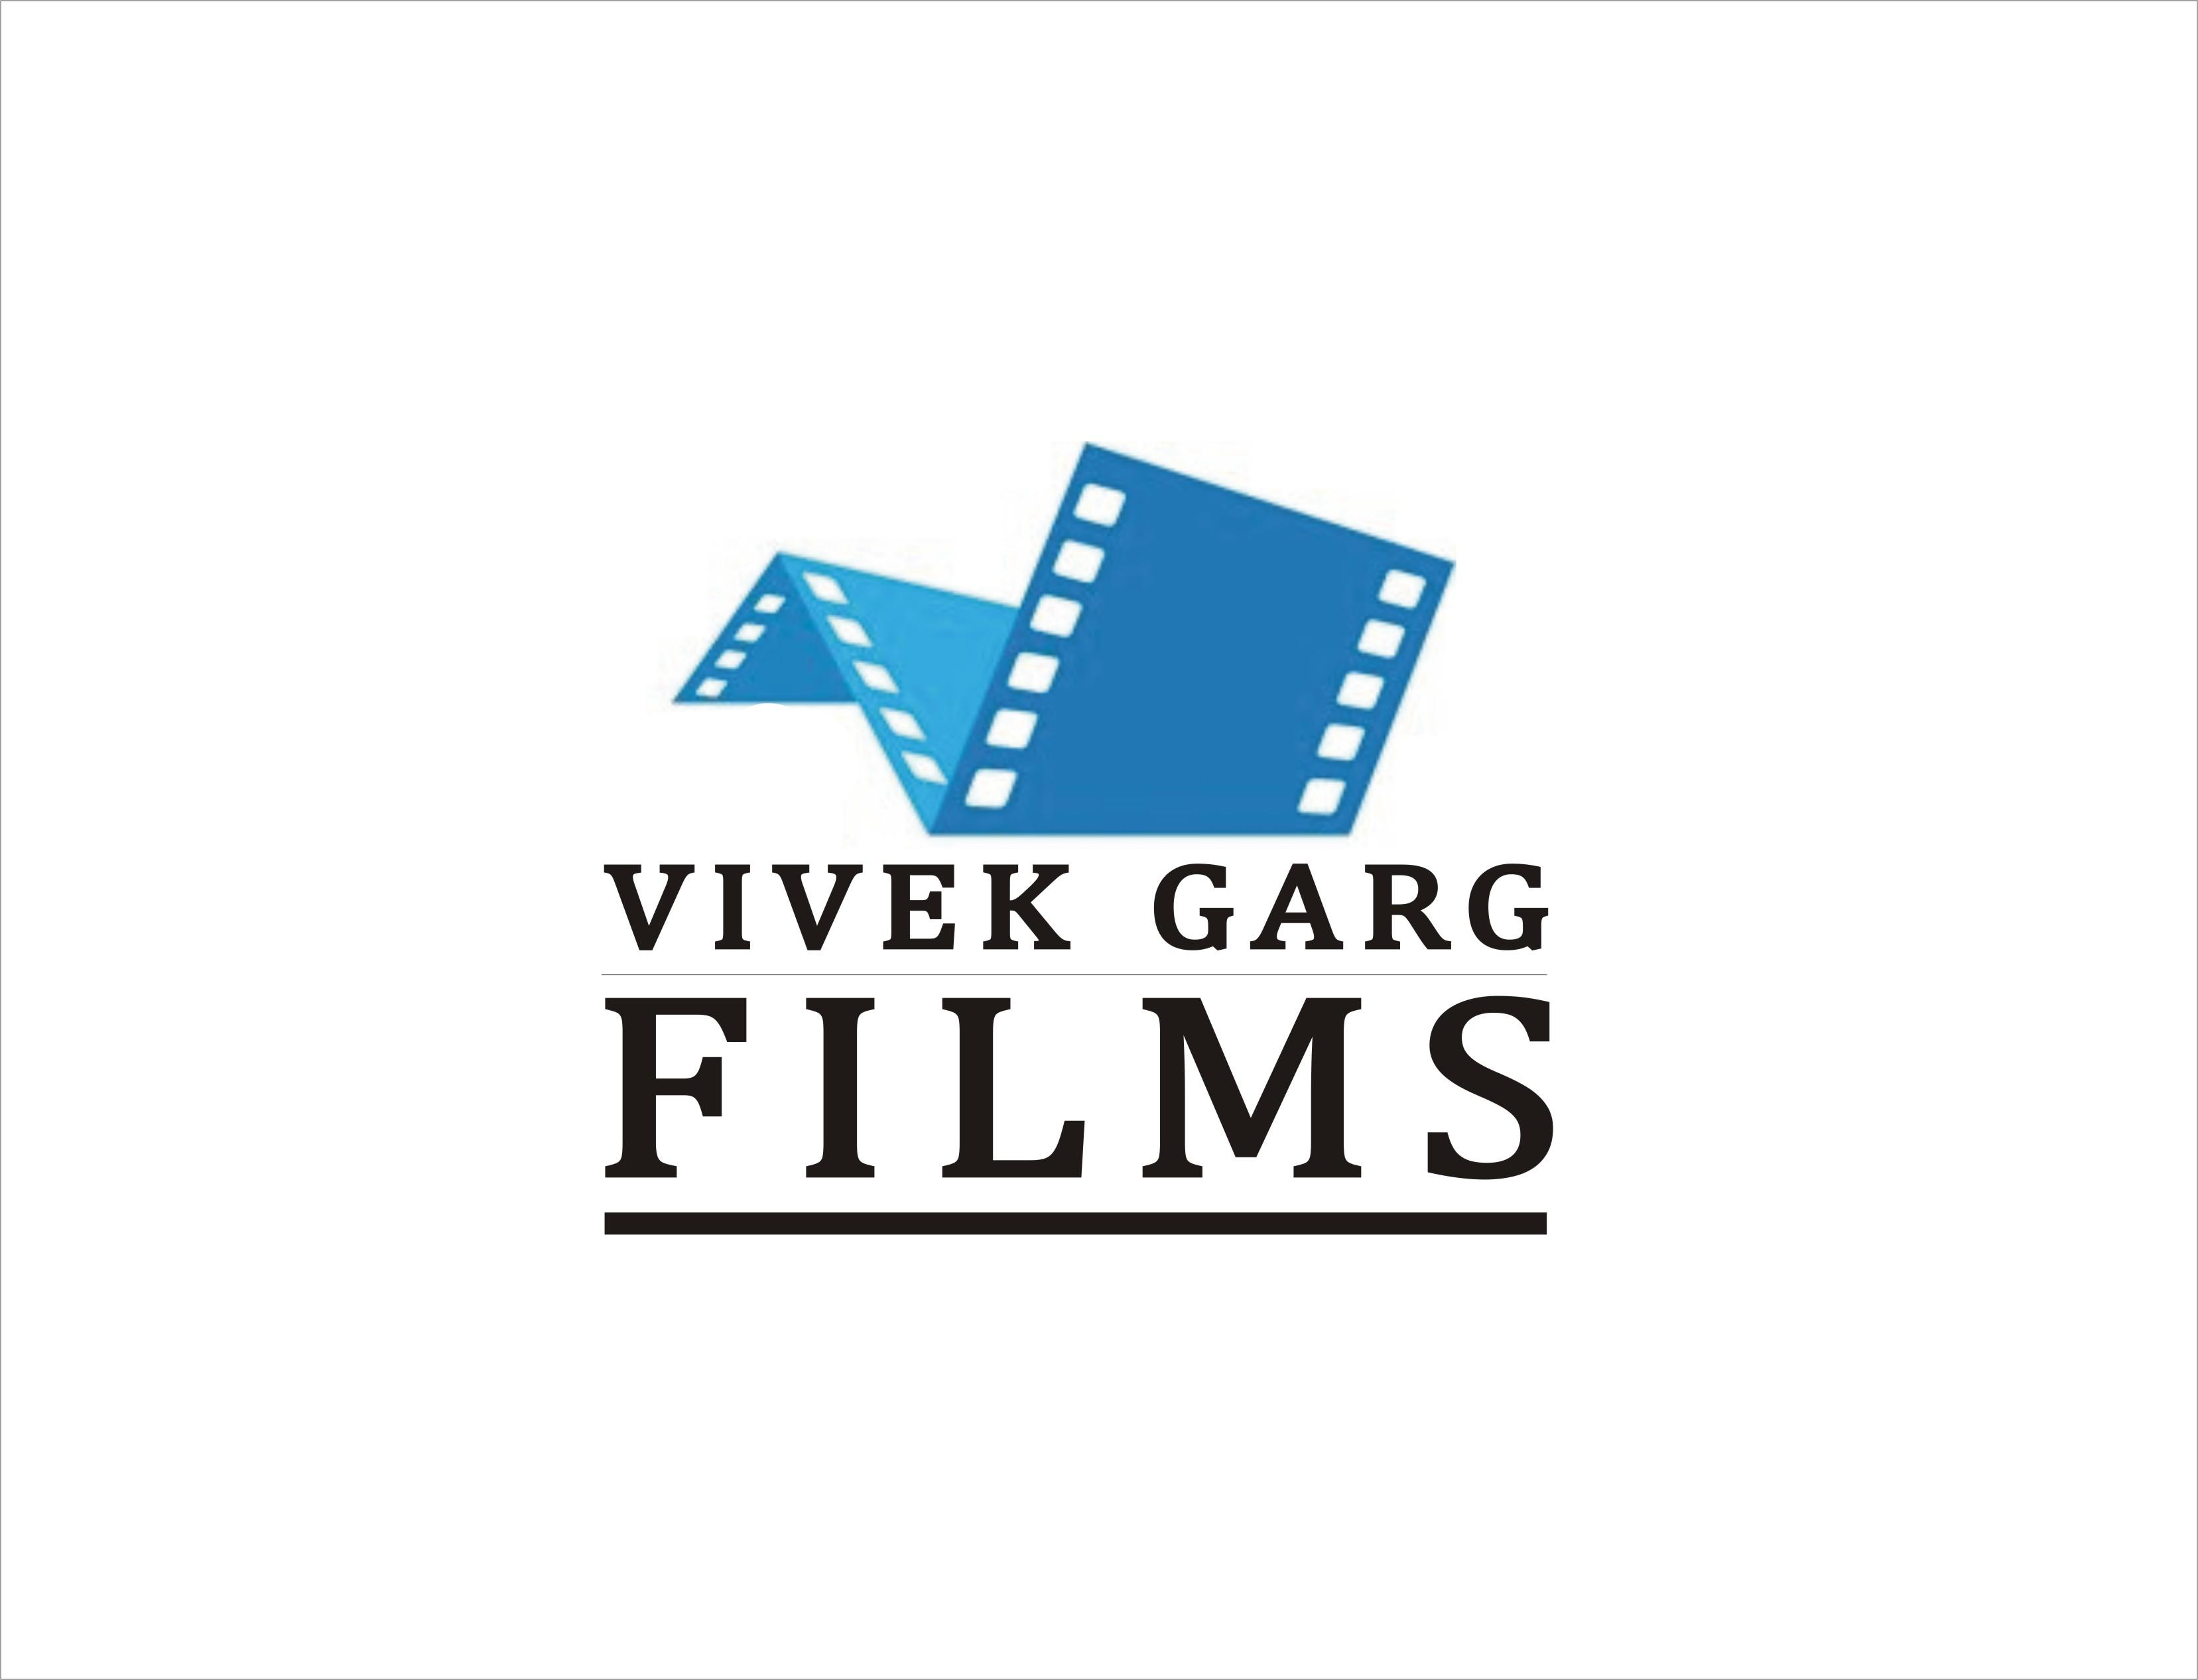 VIVEK GARG FILMS - VGF Now - logo